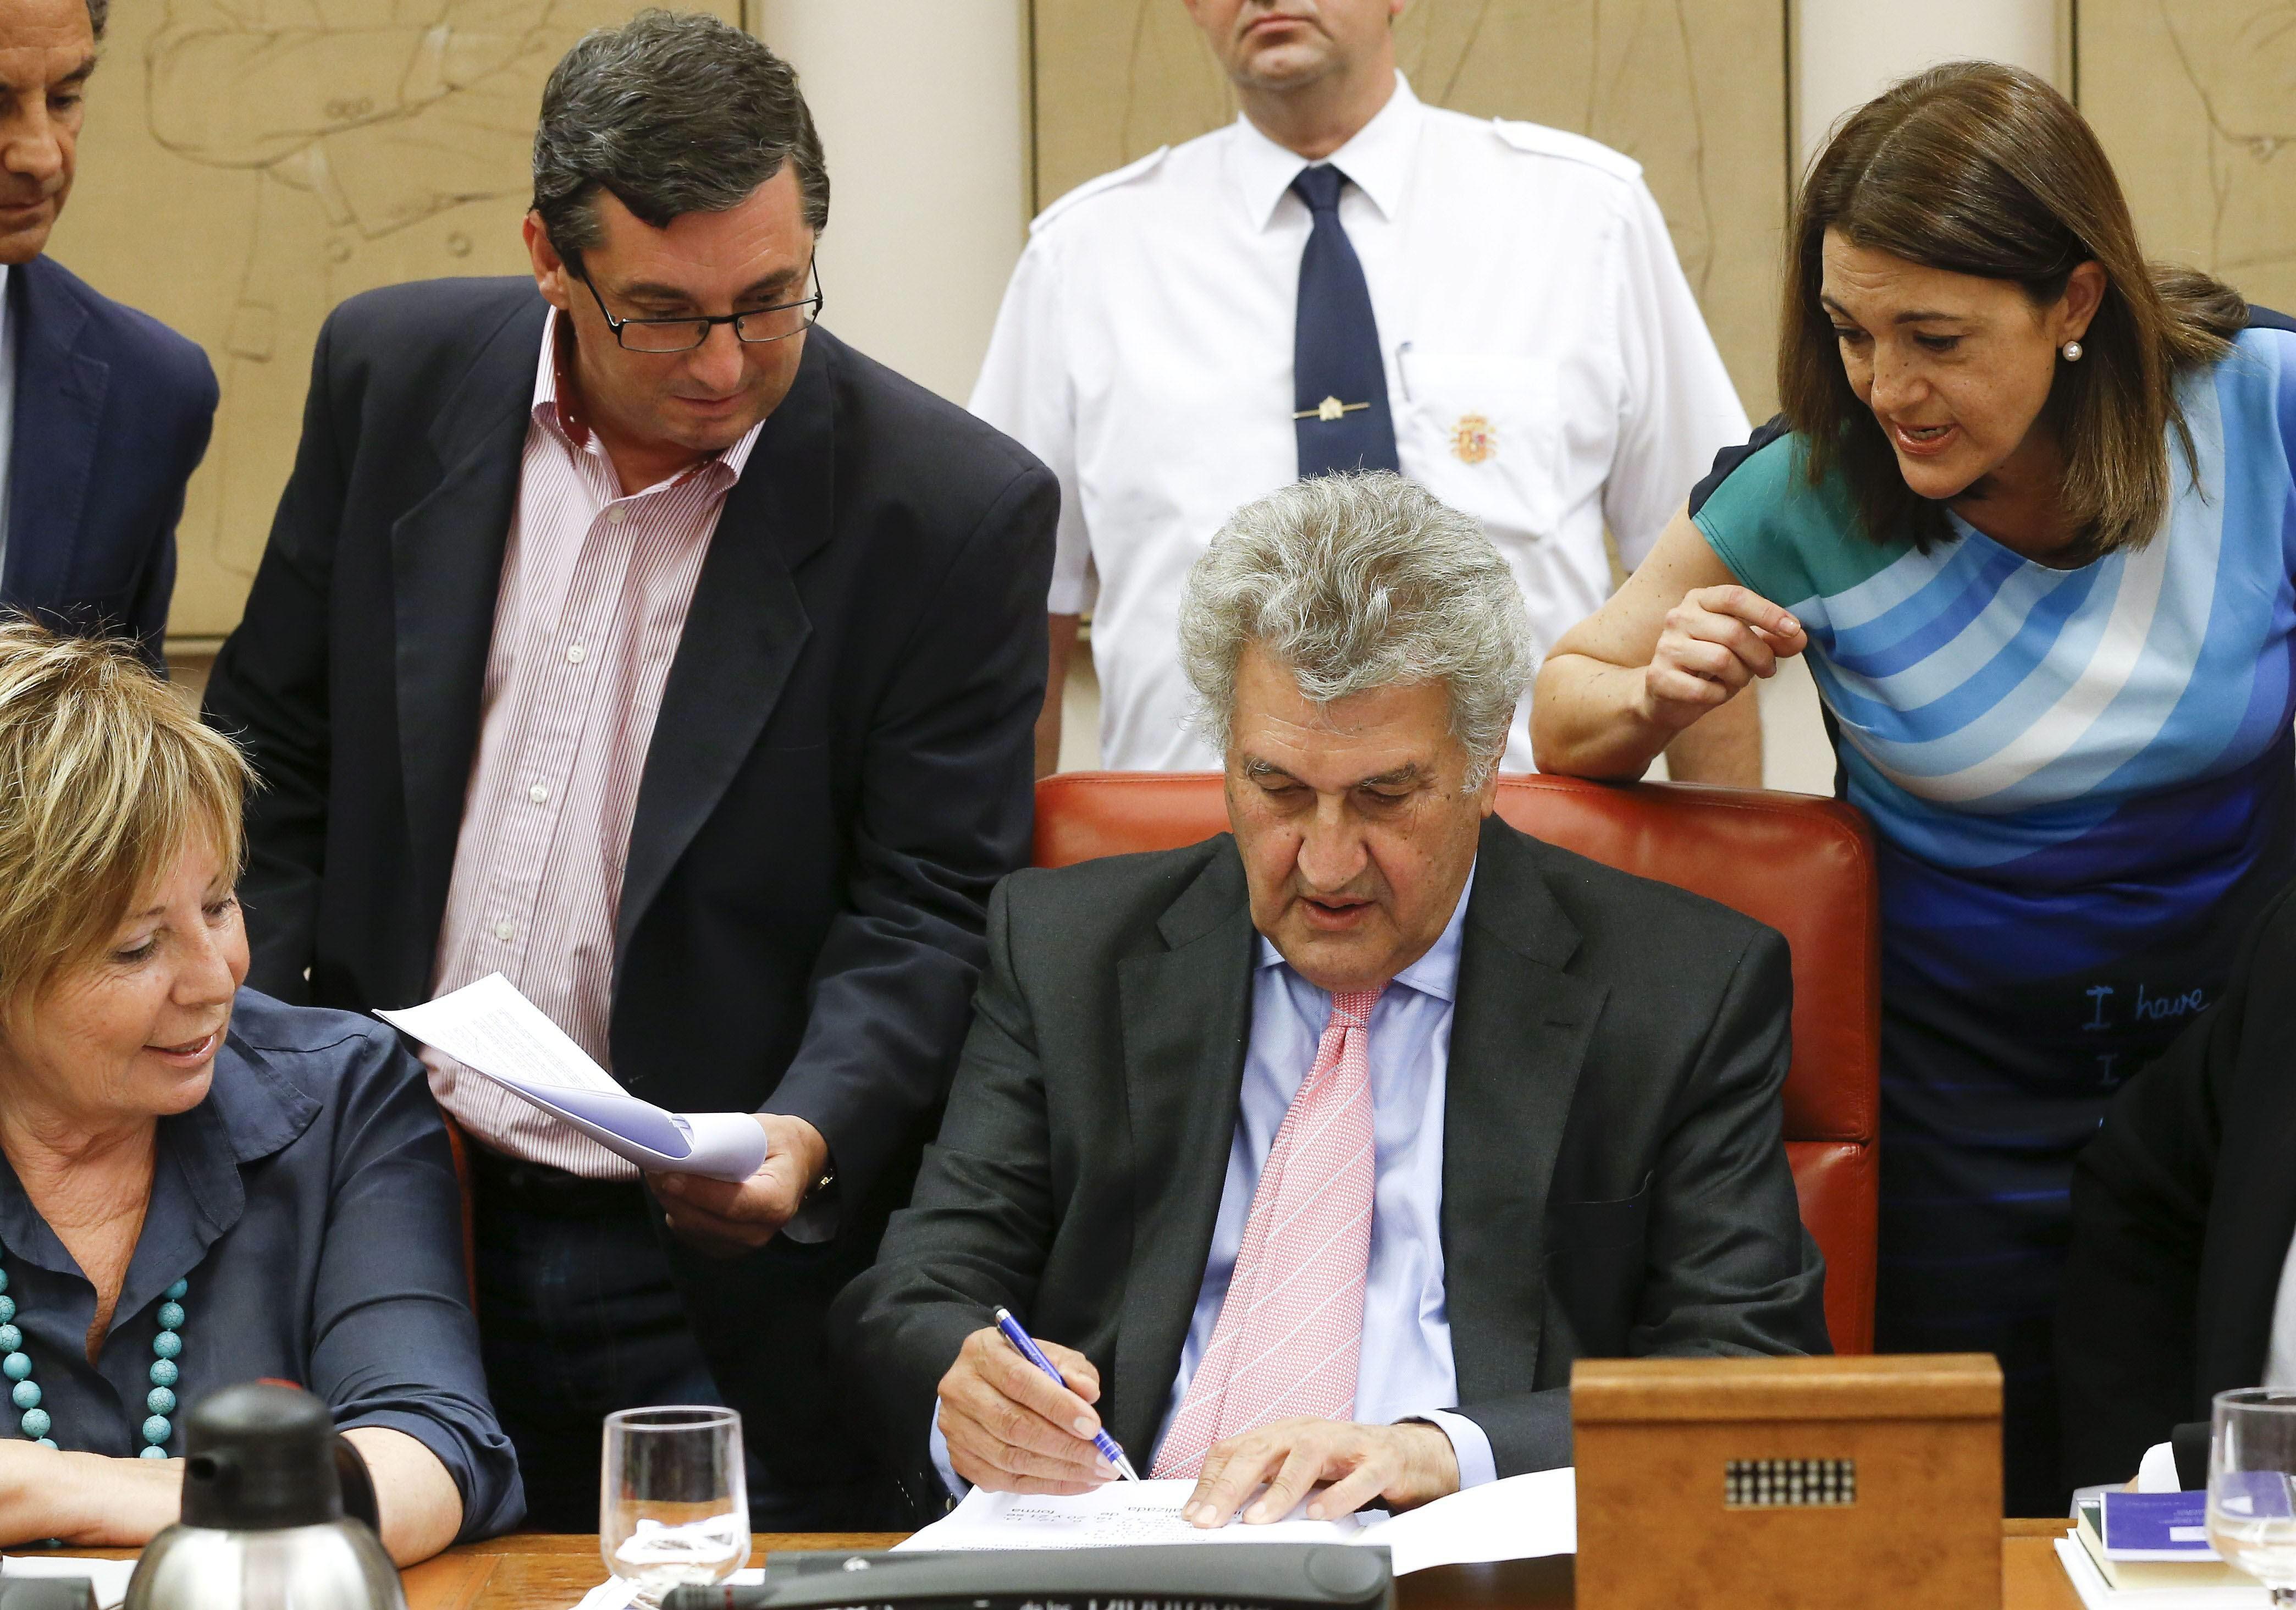 El PP acusa al PSOE de intentar presentar una moción de censura «encubierta»